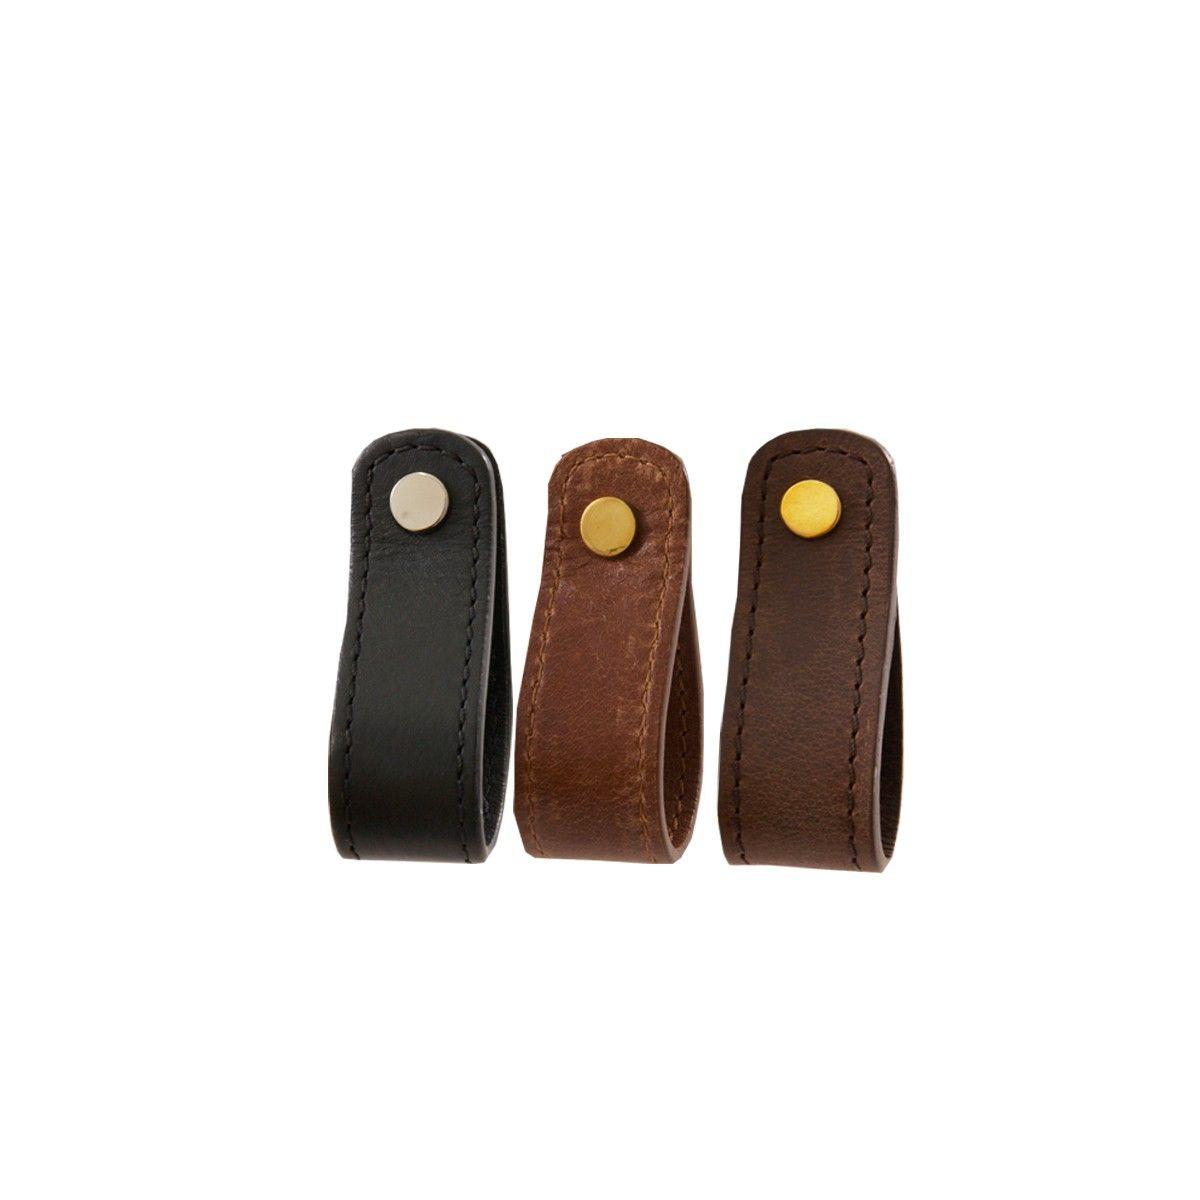 Hyggelig Nye håndtak og knotter til skuffer og skap - Skinnhåndtak PG-74